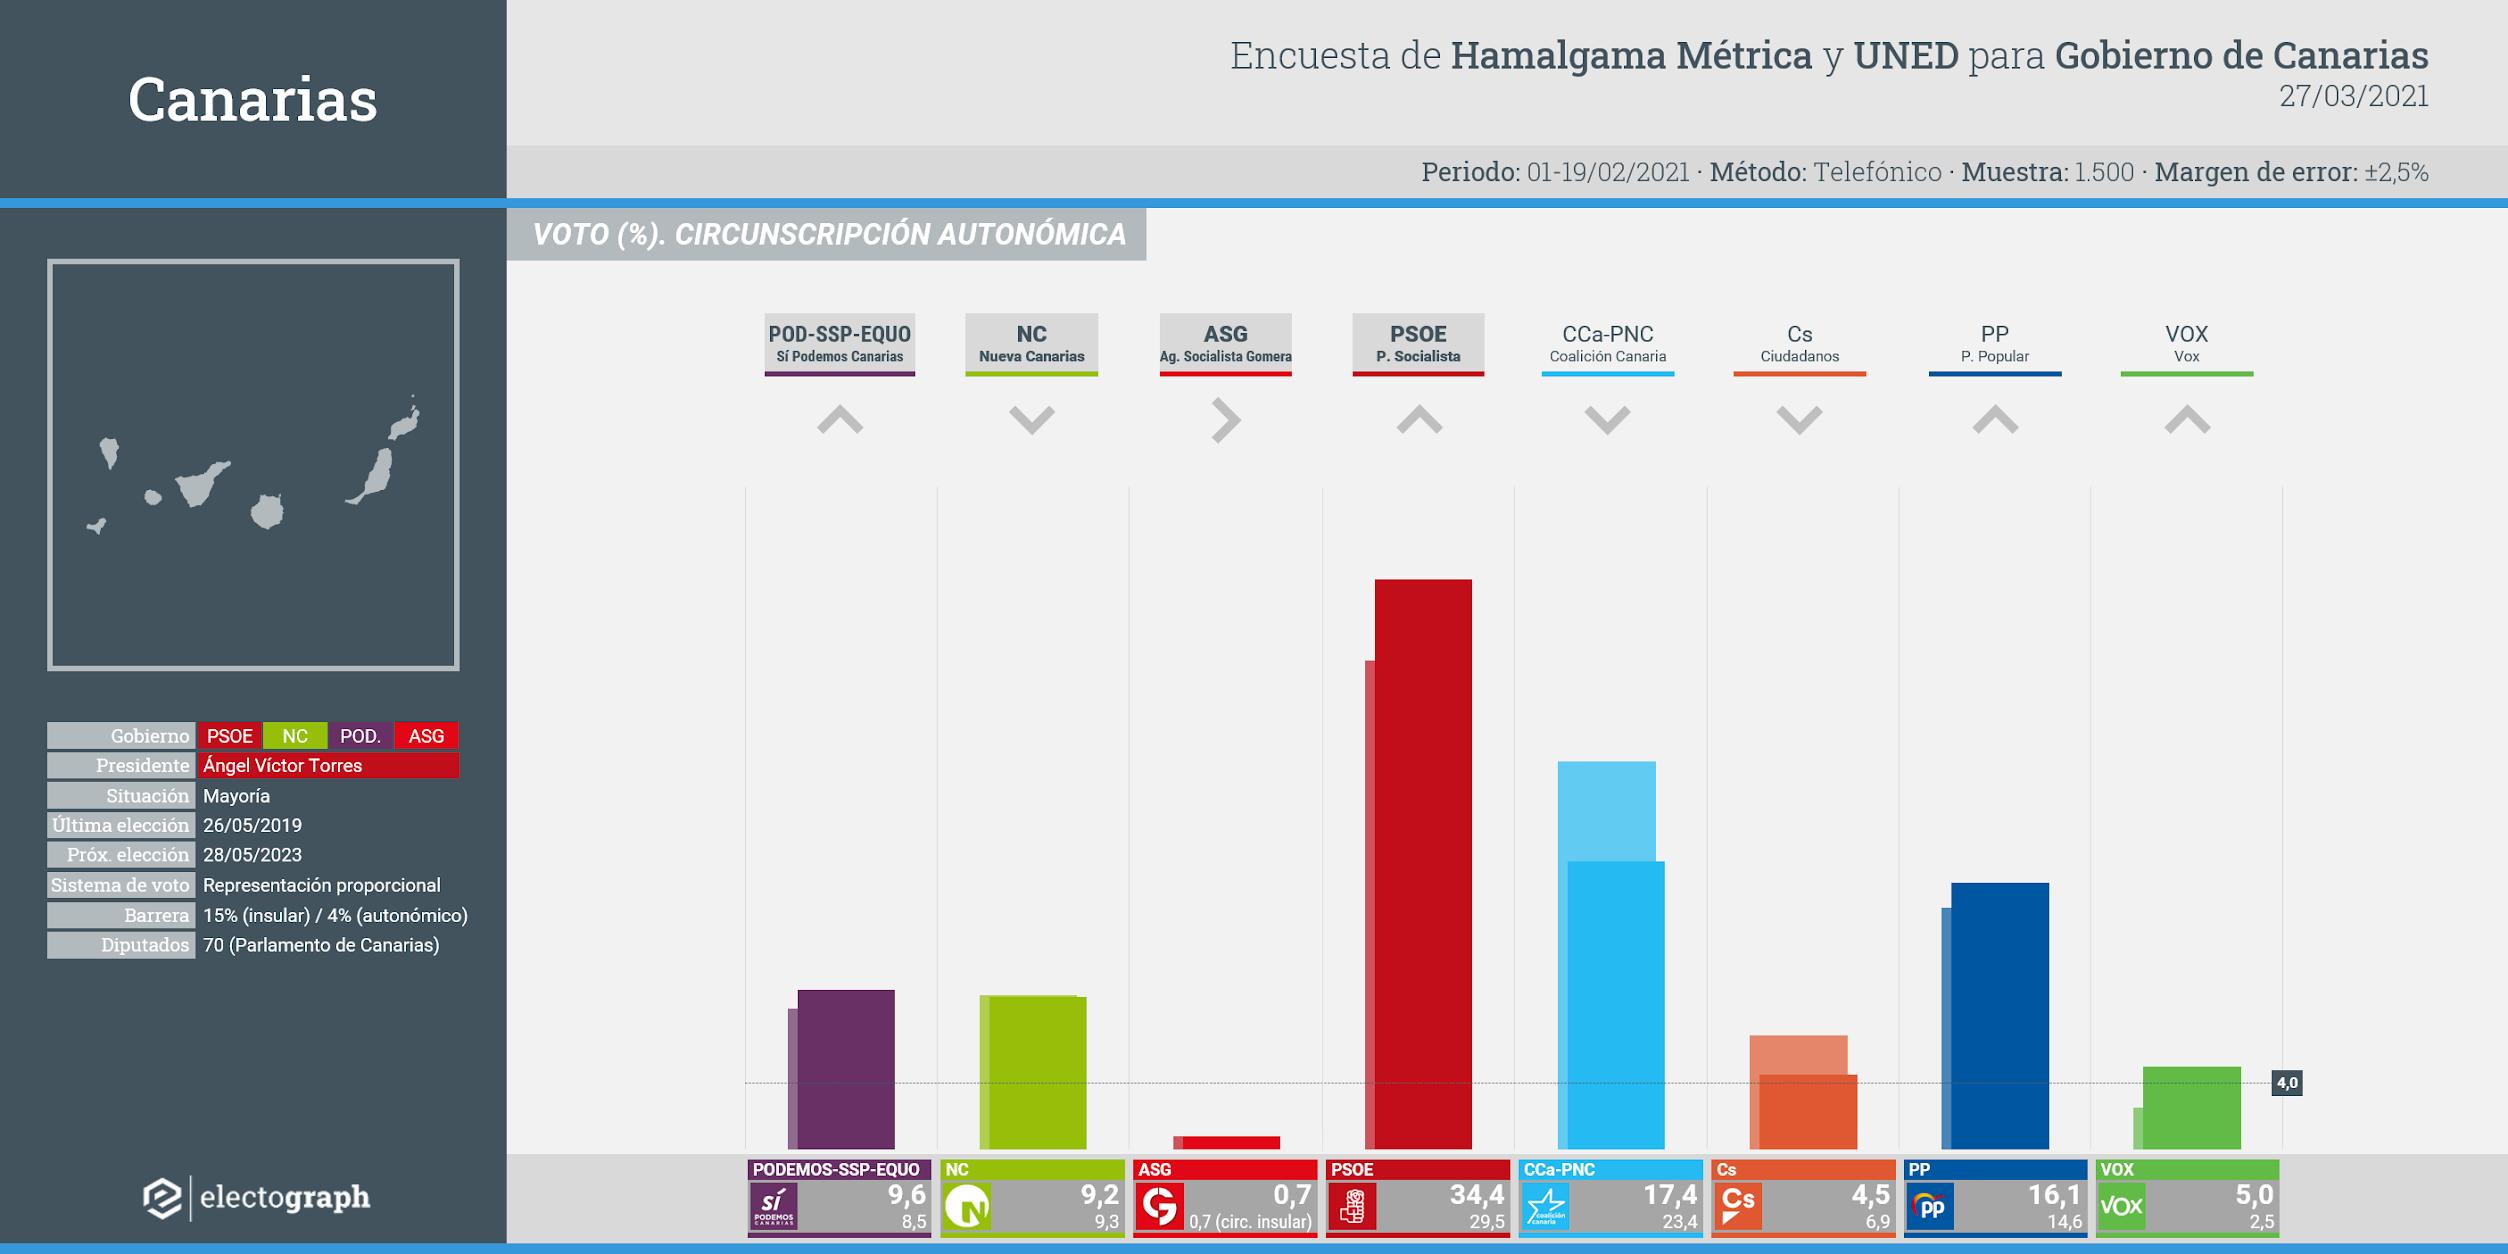 Gráfico de la encuesta para elecciones autonómicas en Canarias realizada por Hamalgama Métrica y la UNED para el Gobierno de Canarias, 27 de marzo de 2021